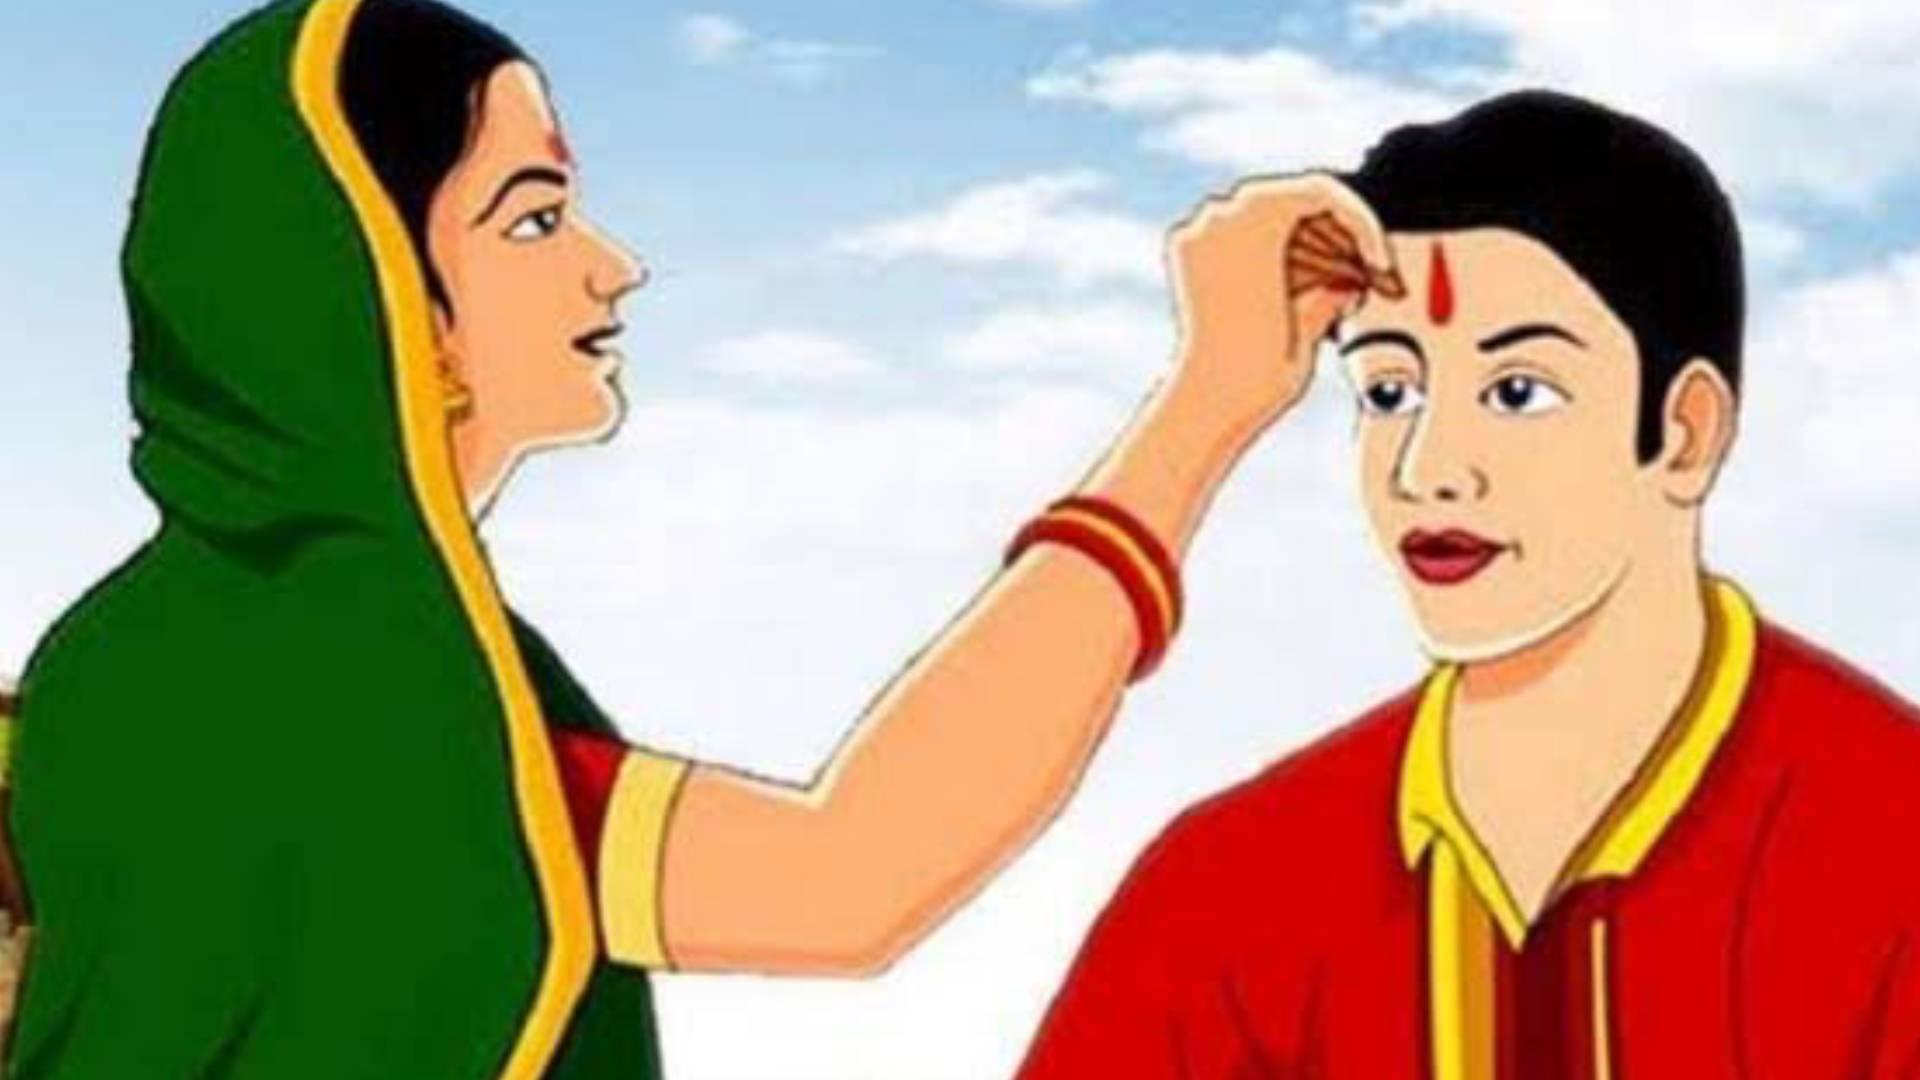 Bhai Dooj 2019: इस भैया दूज अपनी बहन को ये प्यारे गिफ्ट्स देकर आप जताइए अपना प्यार, रिश्ते में आएगी मिठास